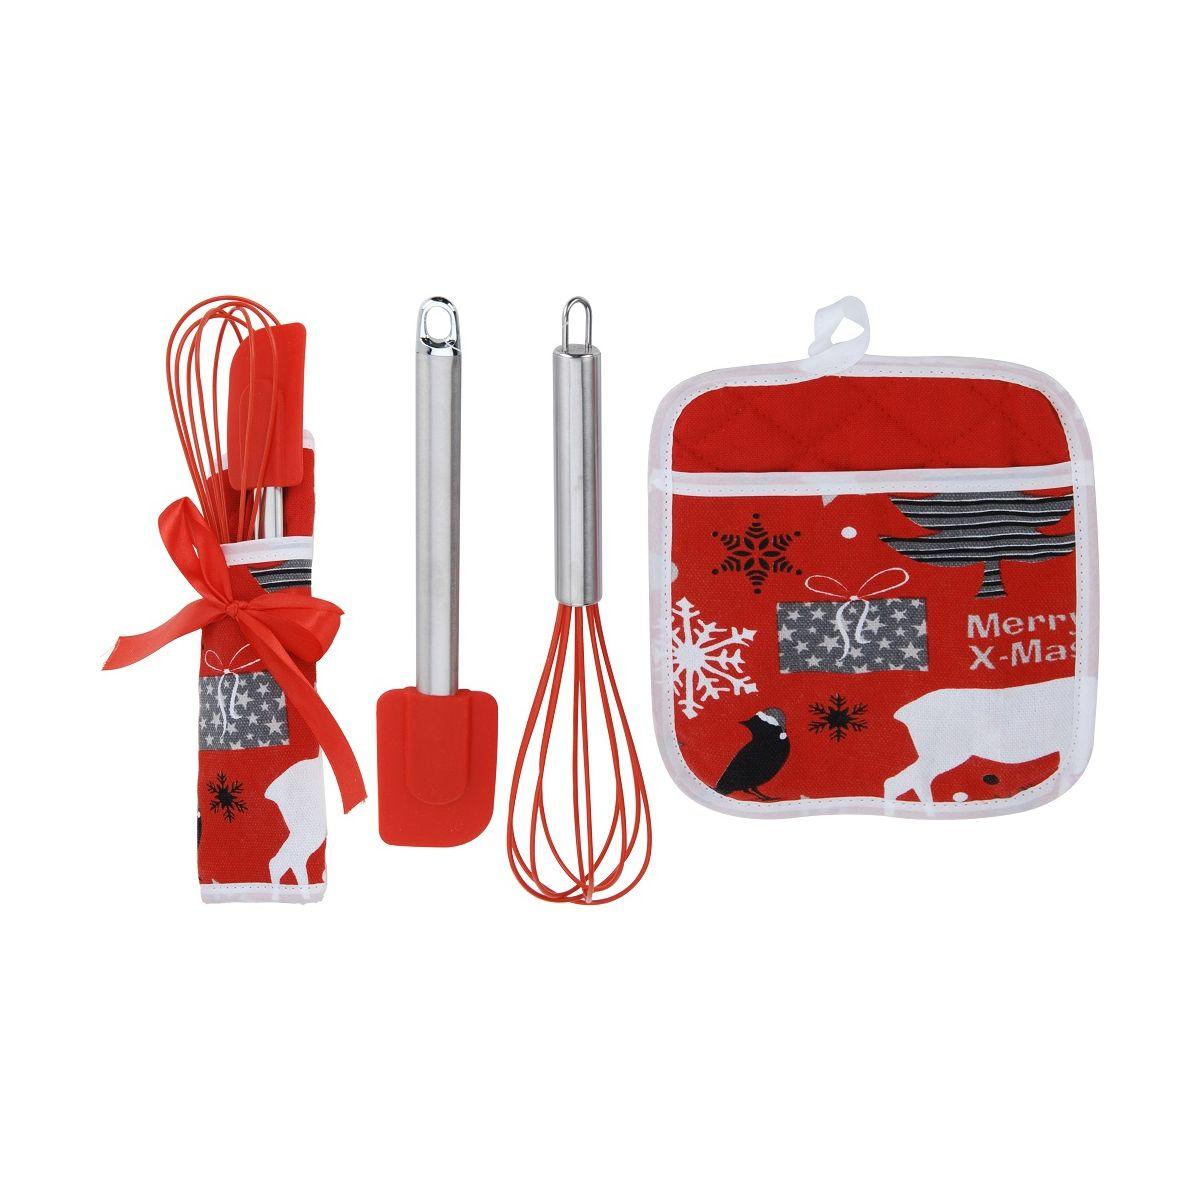 Набор кухонный: прихватка, венчик, лопаткакухонный набор: прихватка, венчик и лопатка<br>